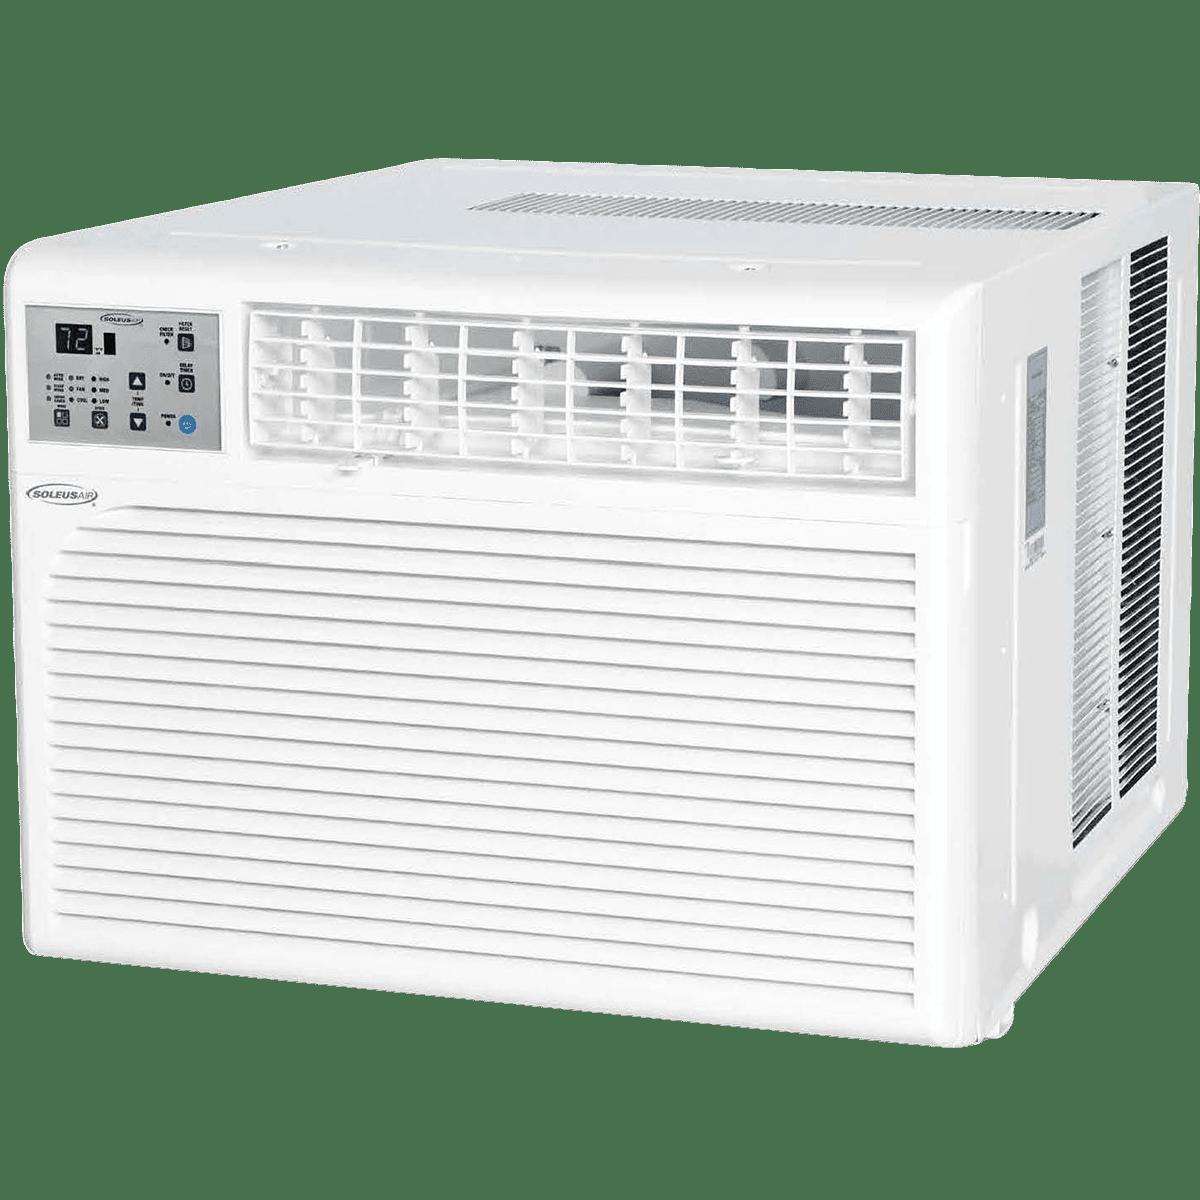 Soleus air 18 300 btu window air conditioner sylvane for 18 inch window air conditioner